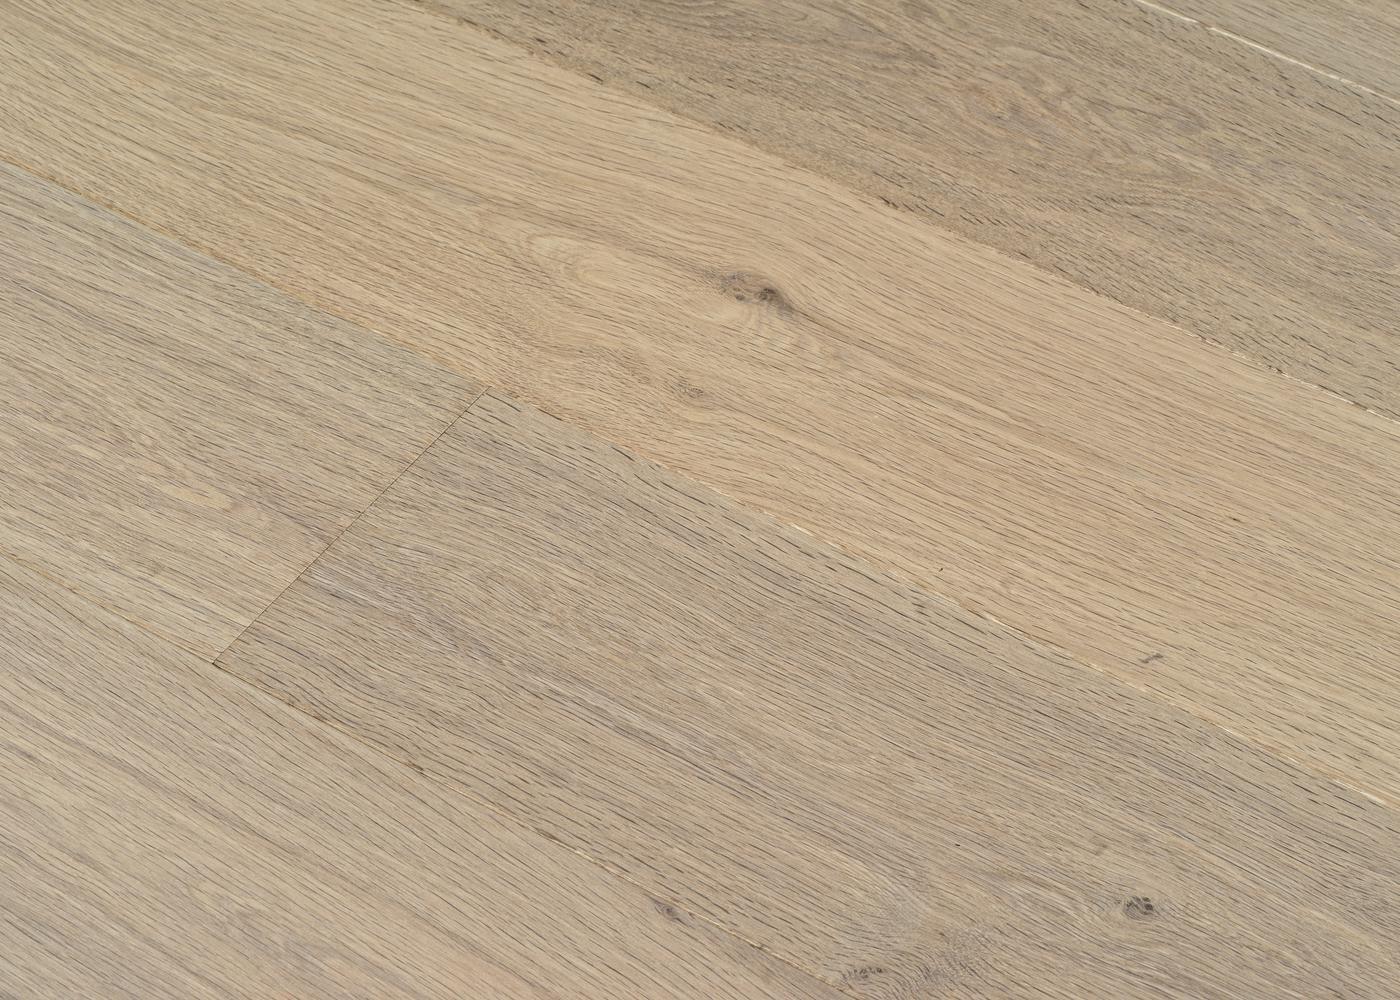 Parquet chêne contrecollé VANCOUVER vernis aqua ultra mat Mélange 50% PRBis, 50% Matière 12x160x1100-2200